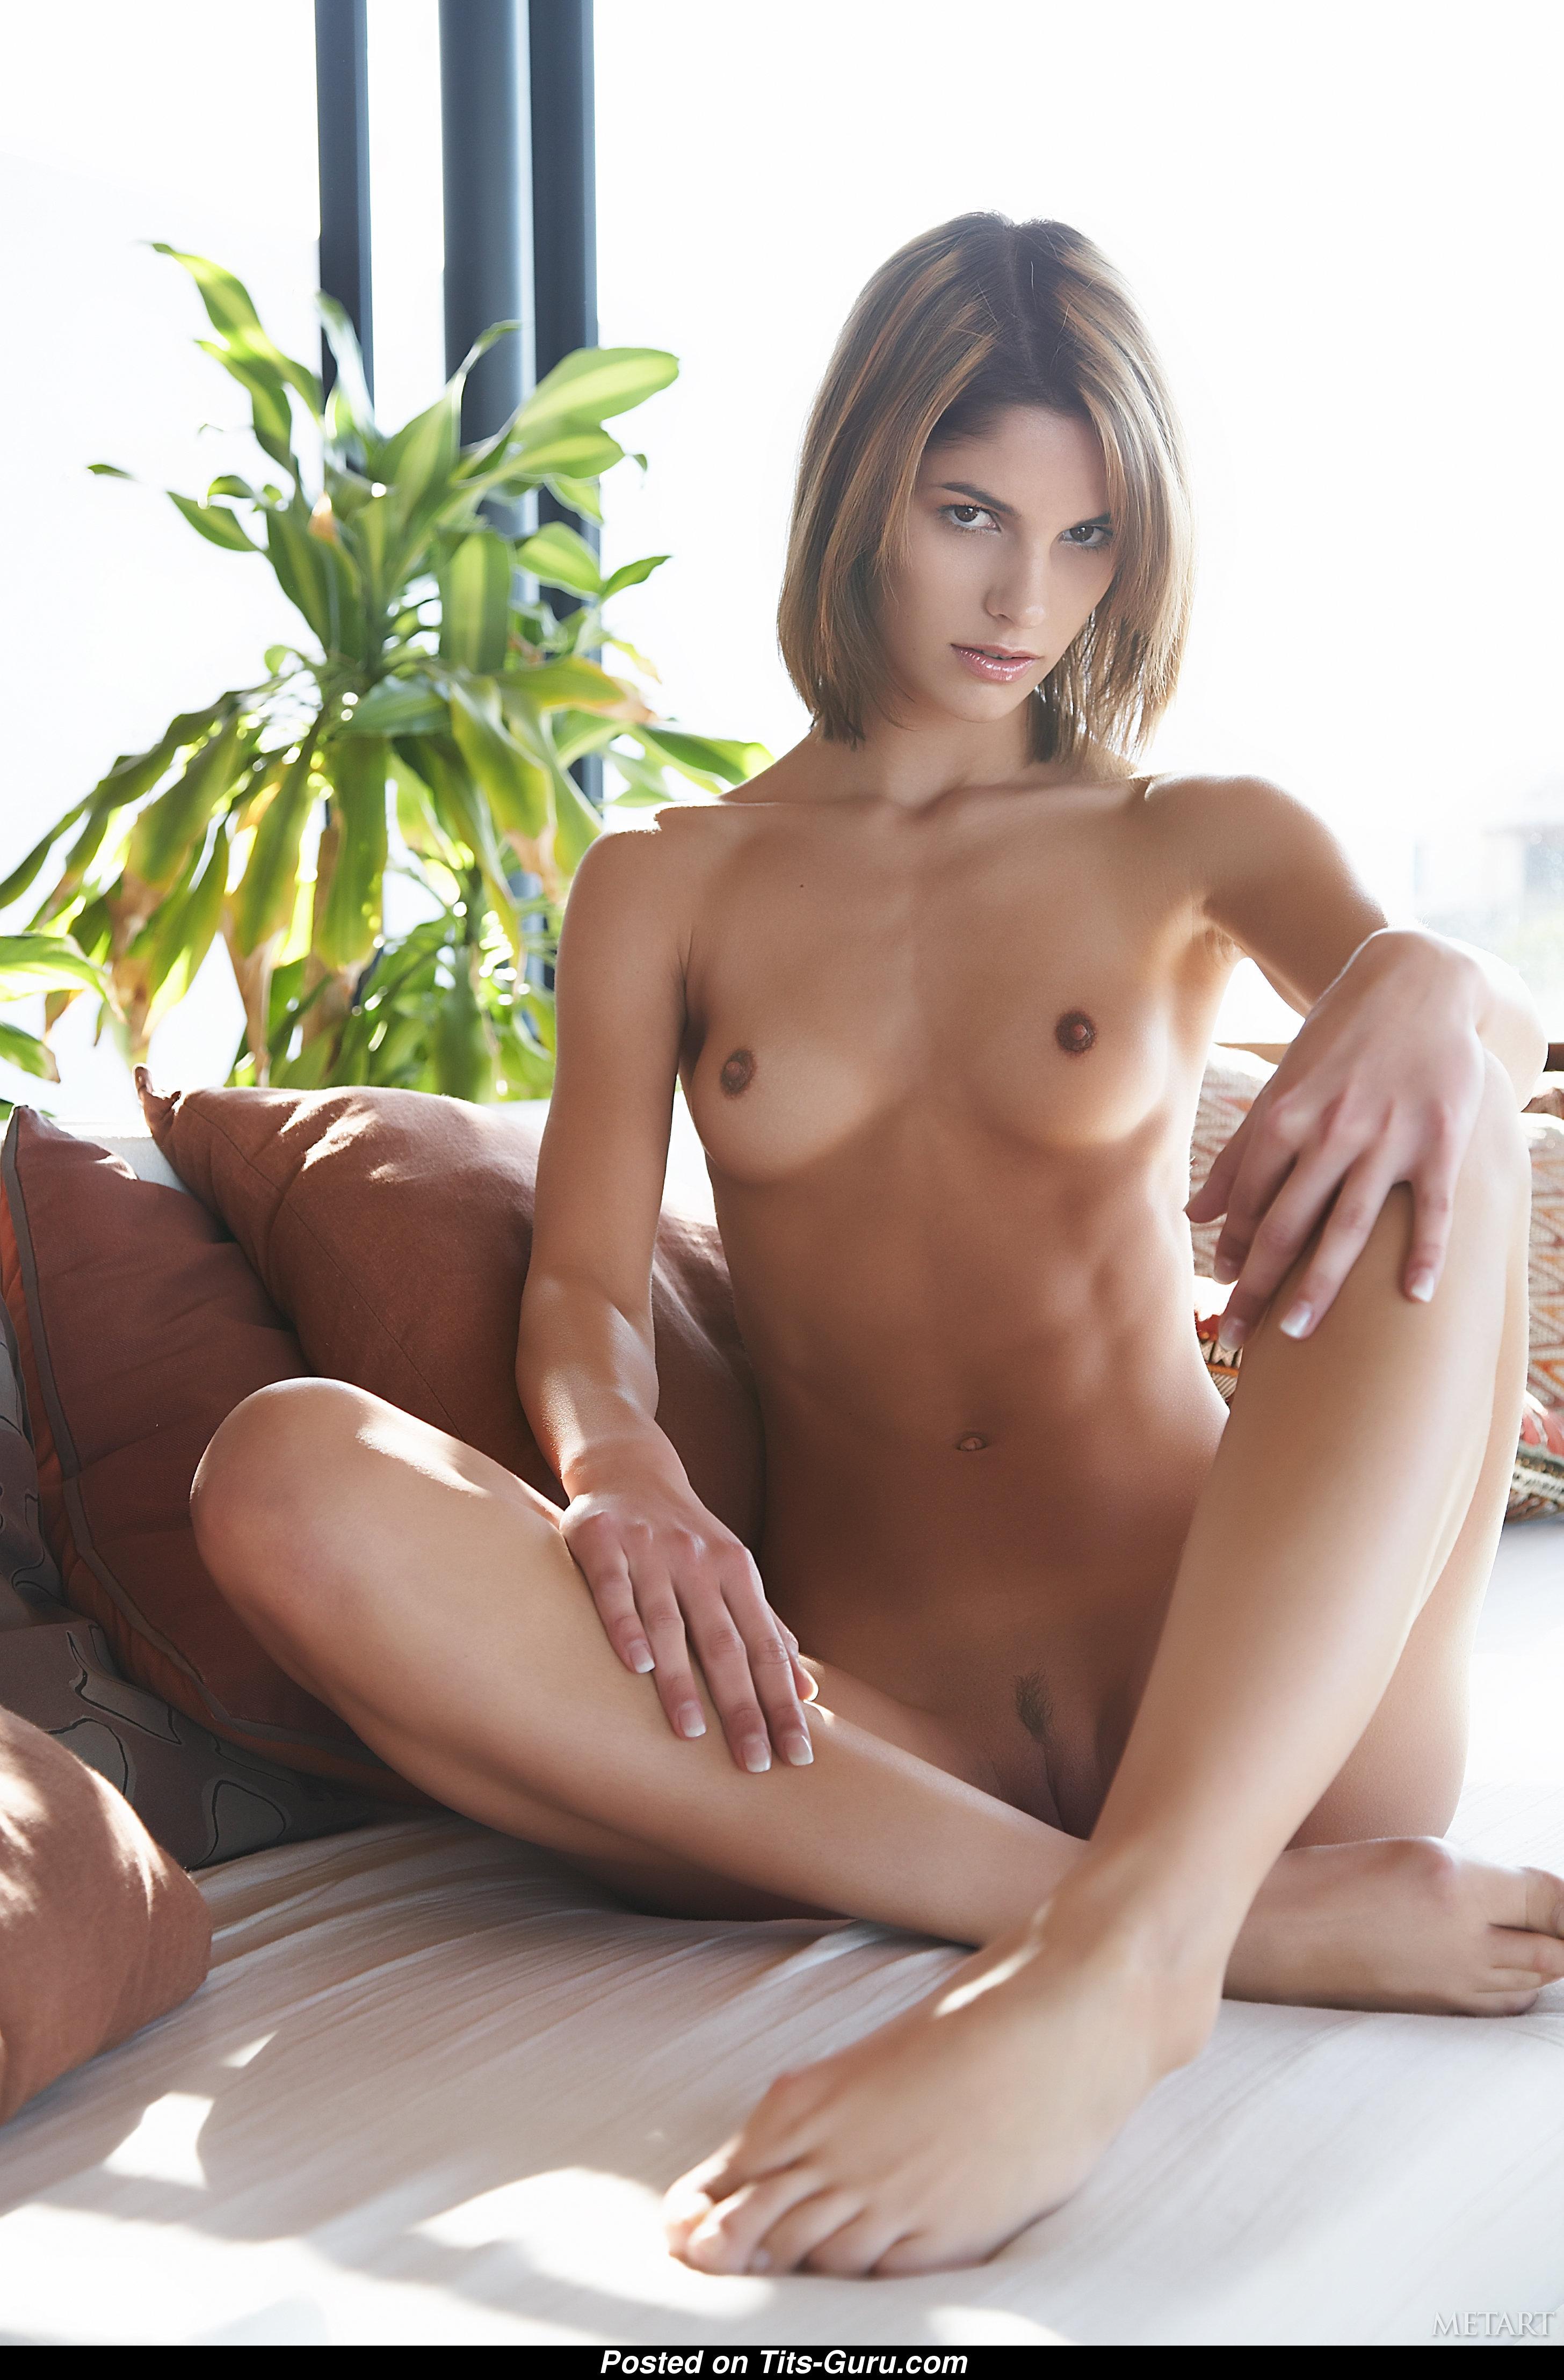 Ххх фото очень плоская грудь, трансы с большими задницами и членами